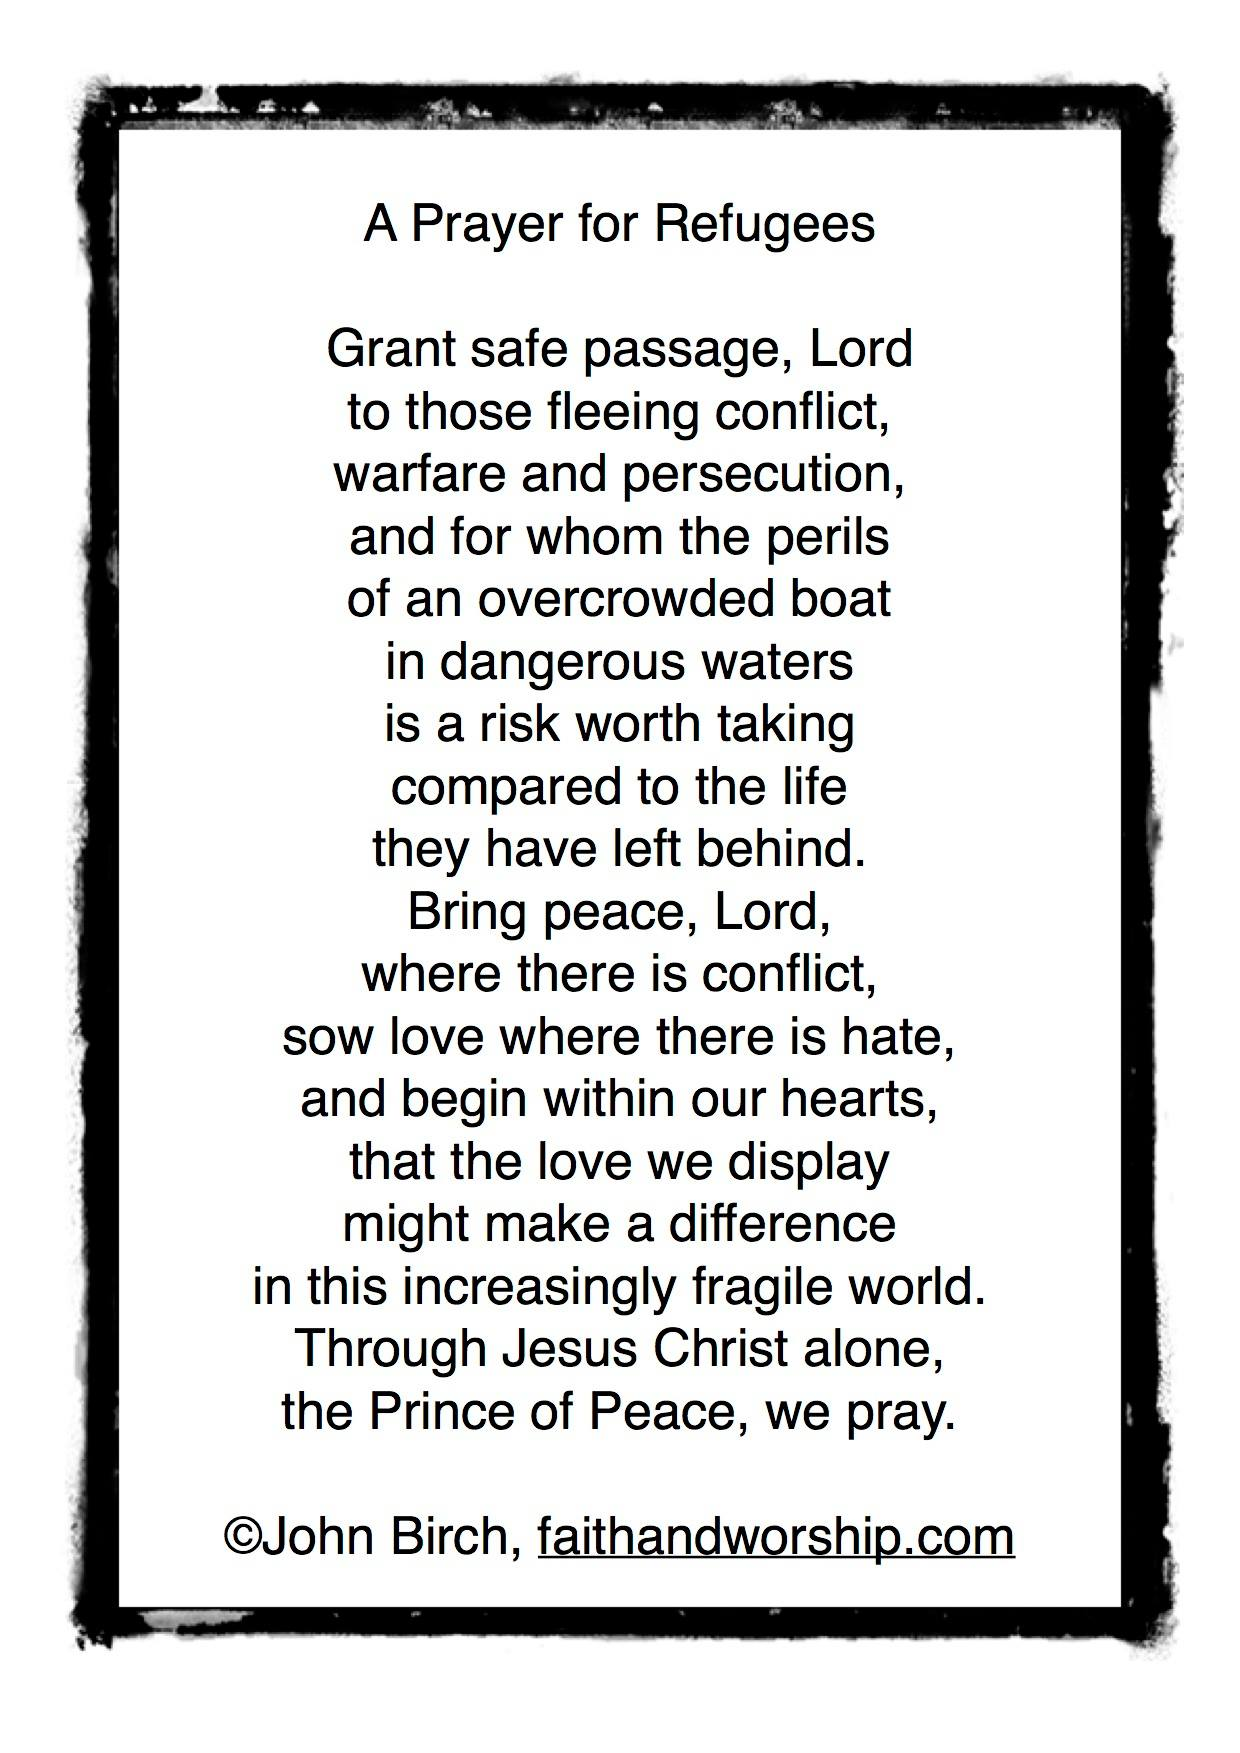 A prayer for refugees